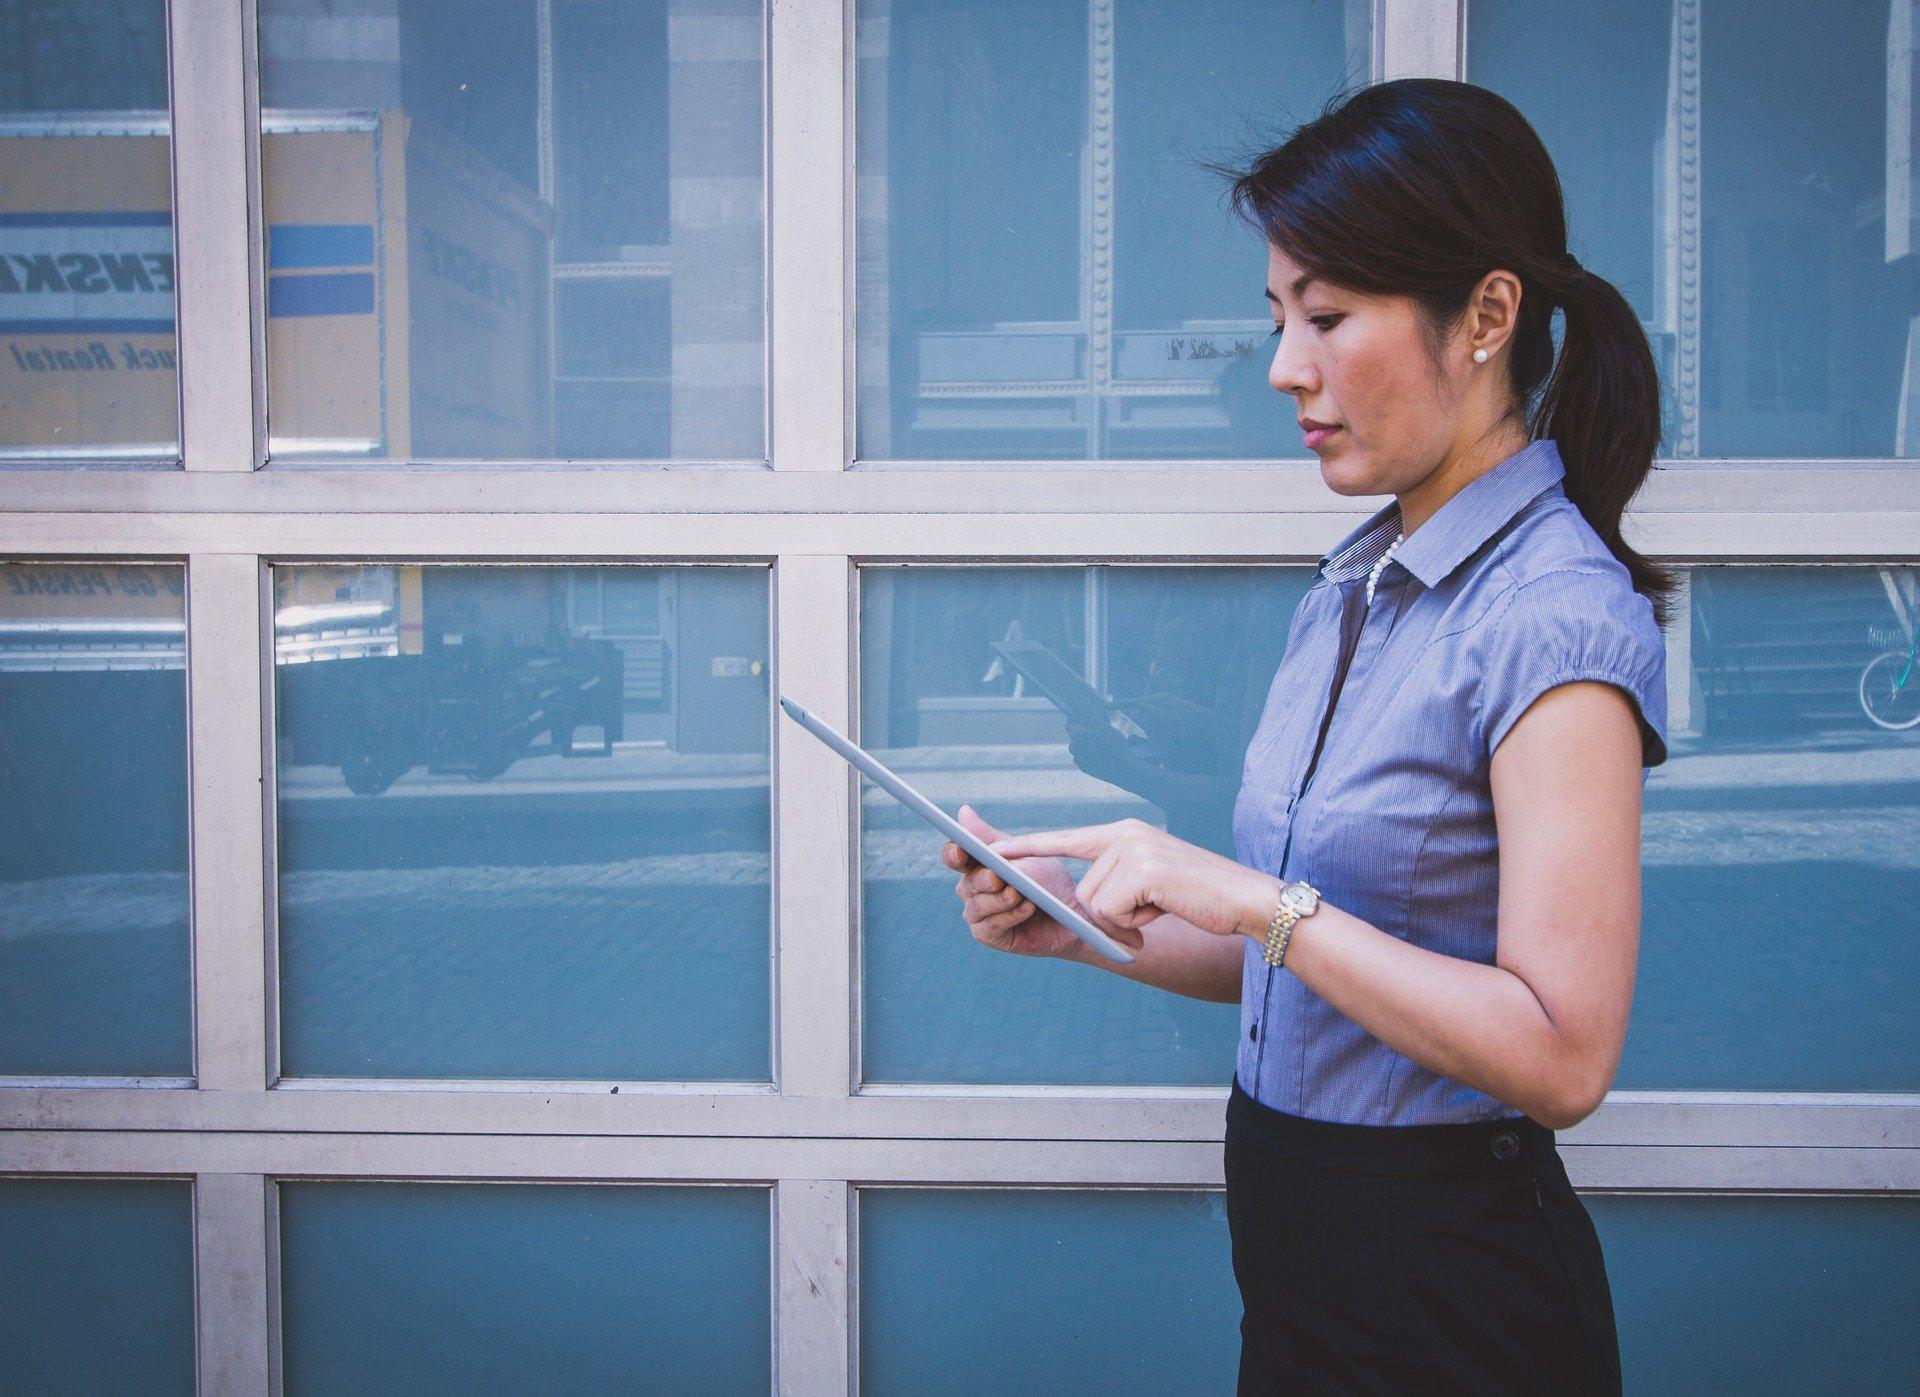 tablet cultura digital trabajo remoto